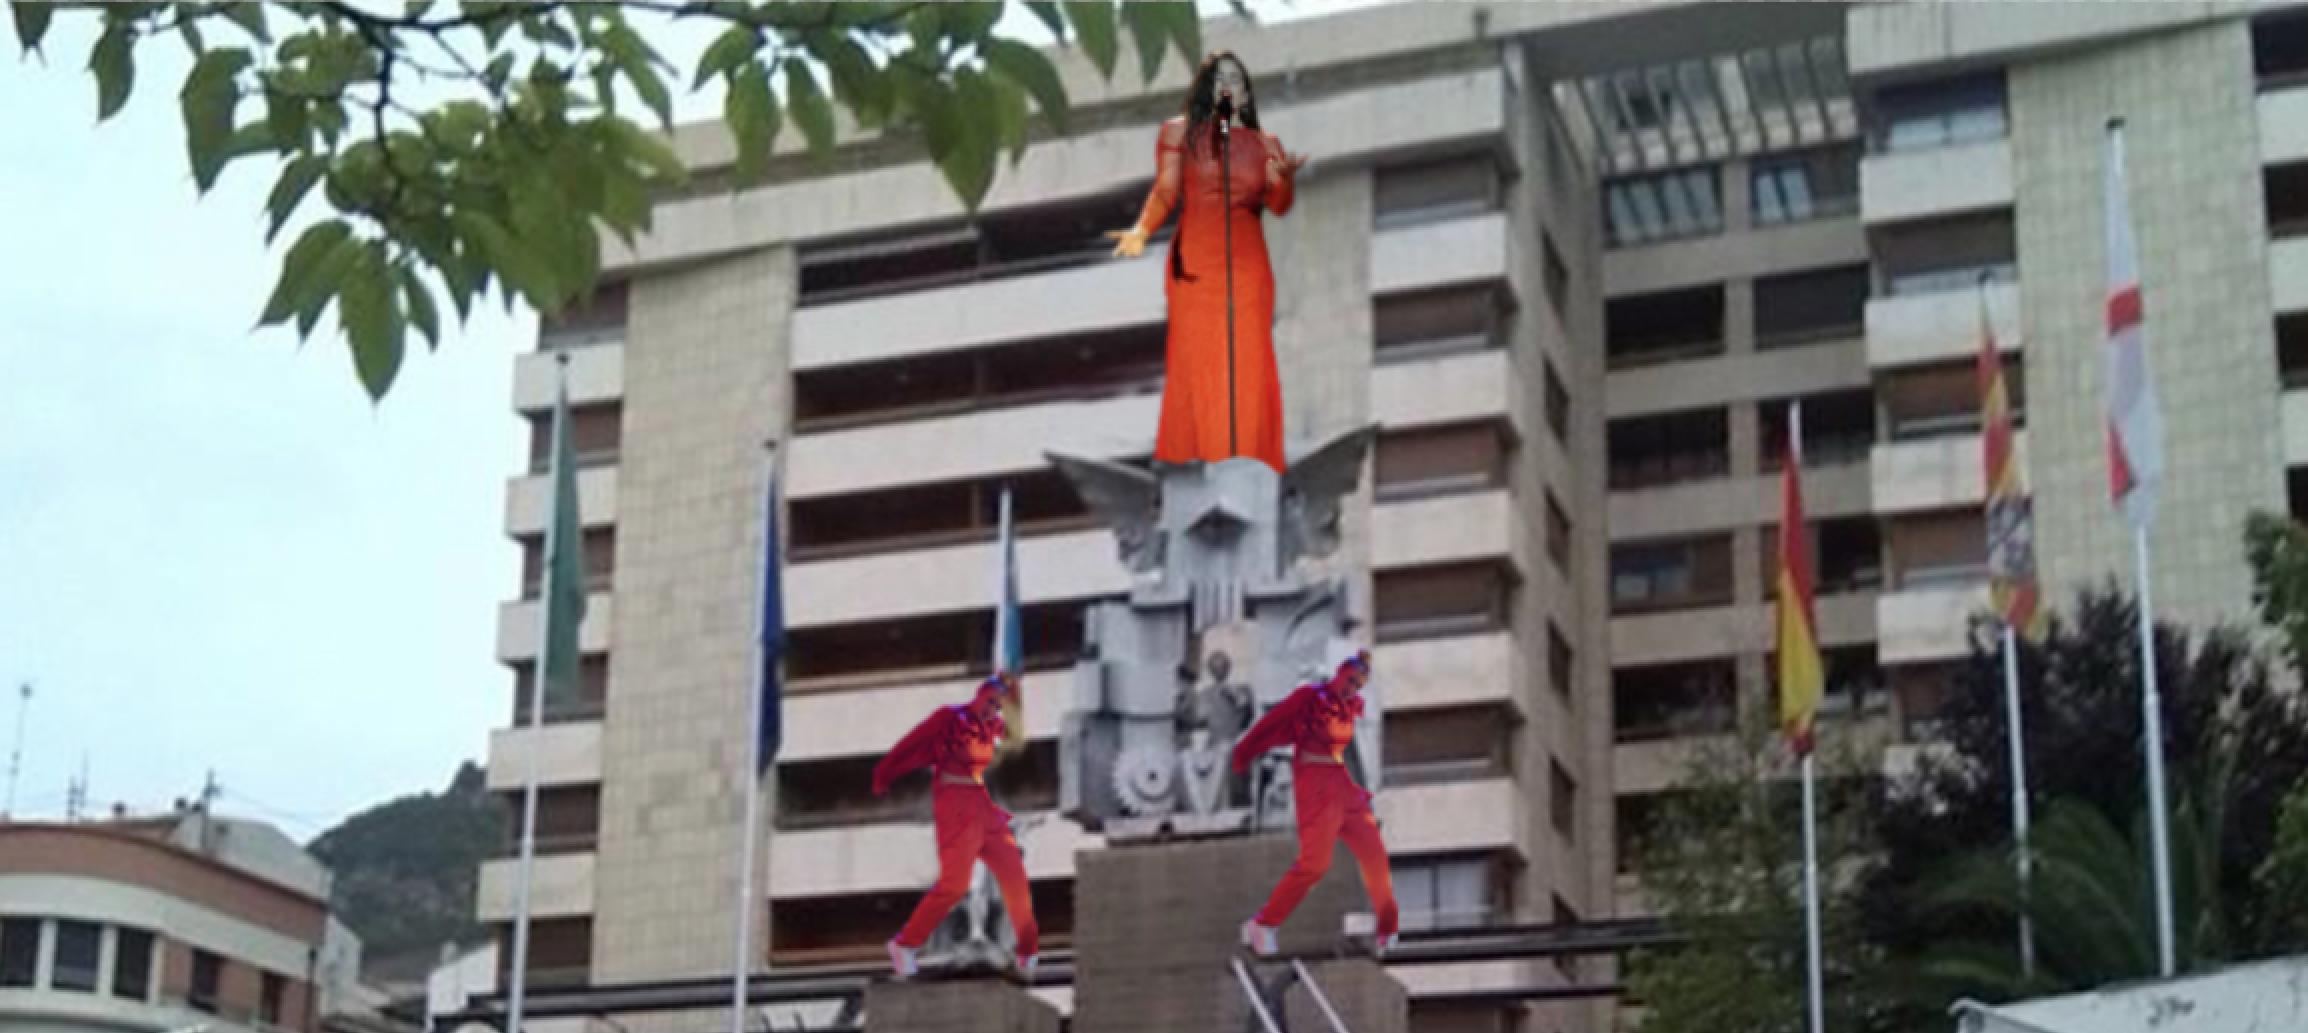 La Rosaleda pasará a llamarse La Rosalía tras la ejecución del proyecto de renovación